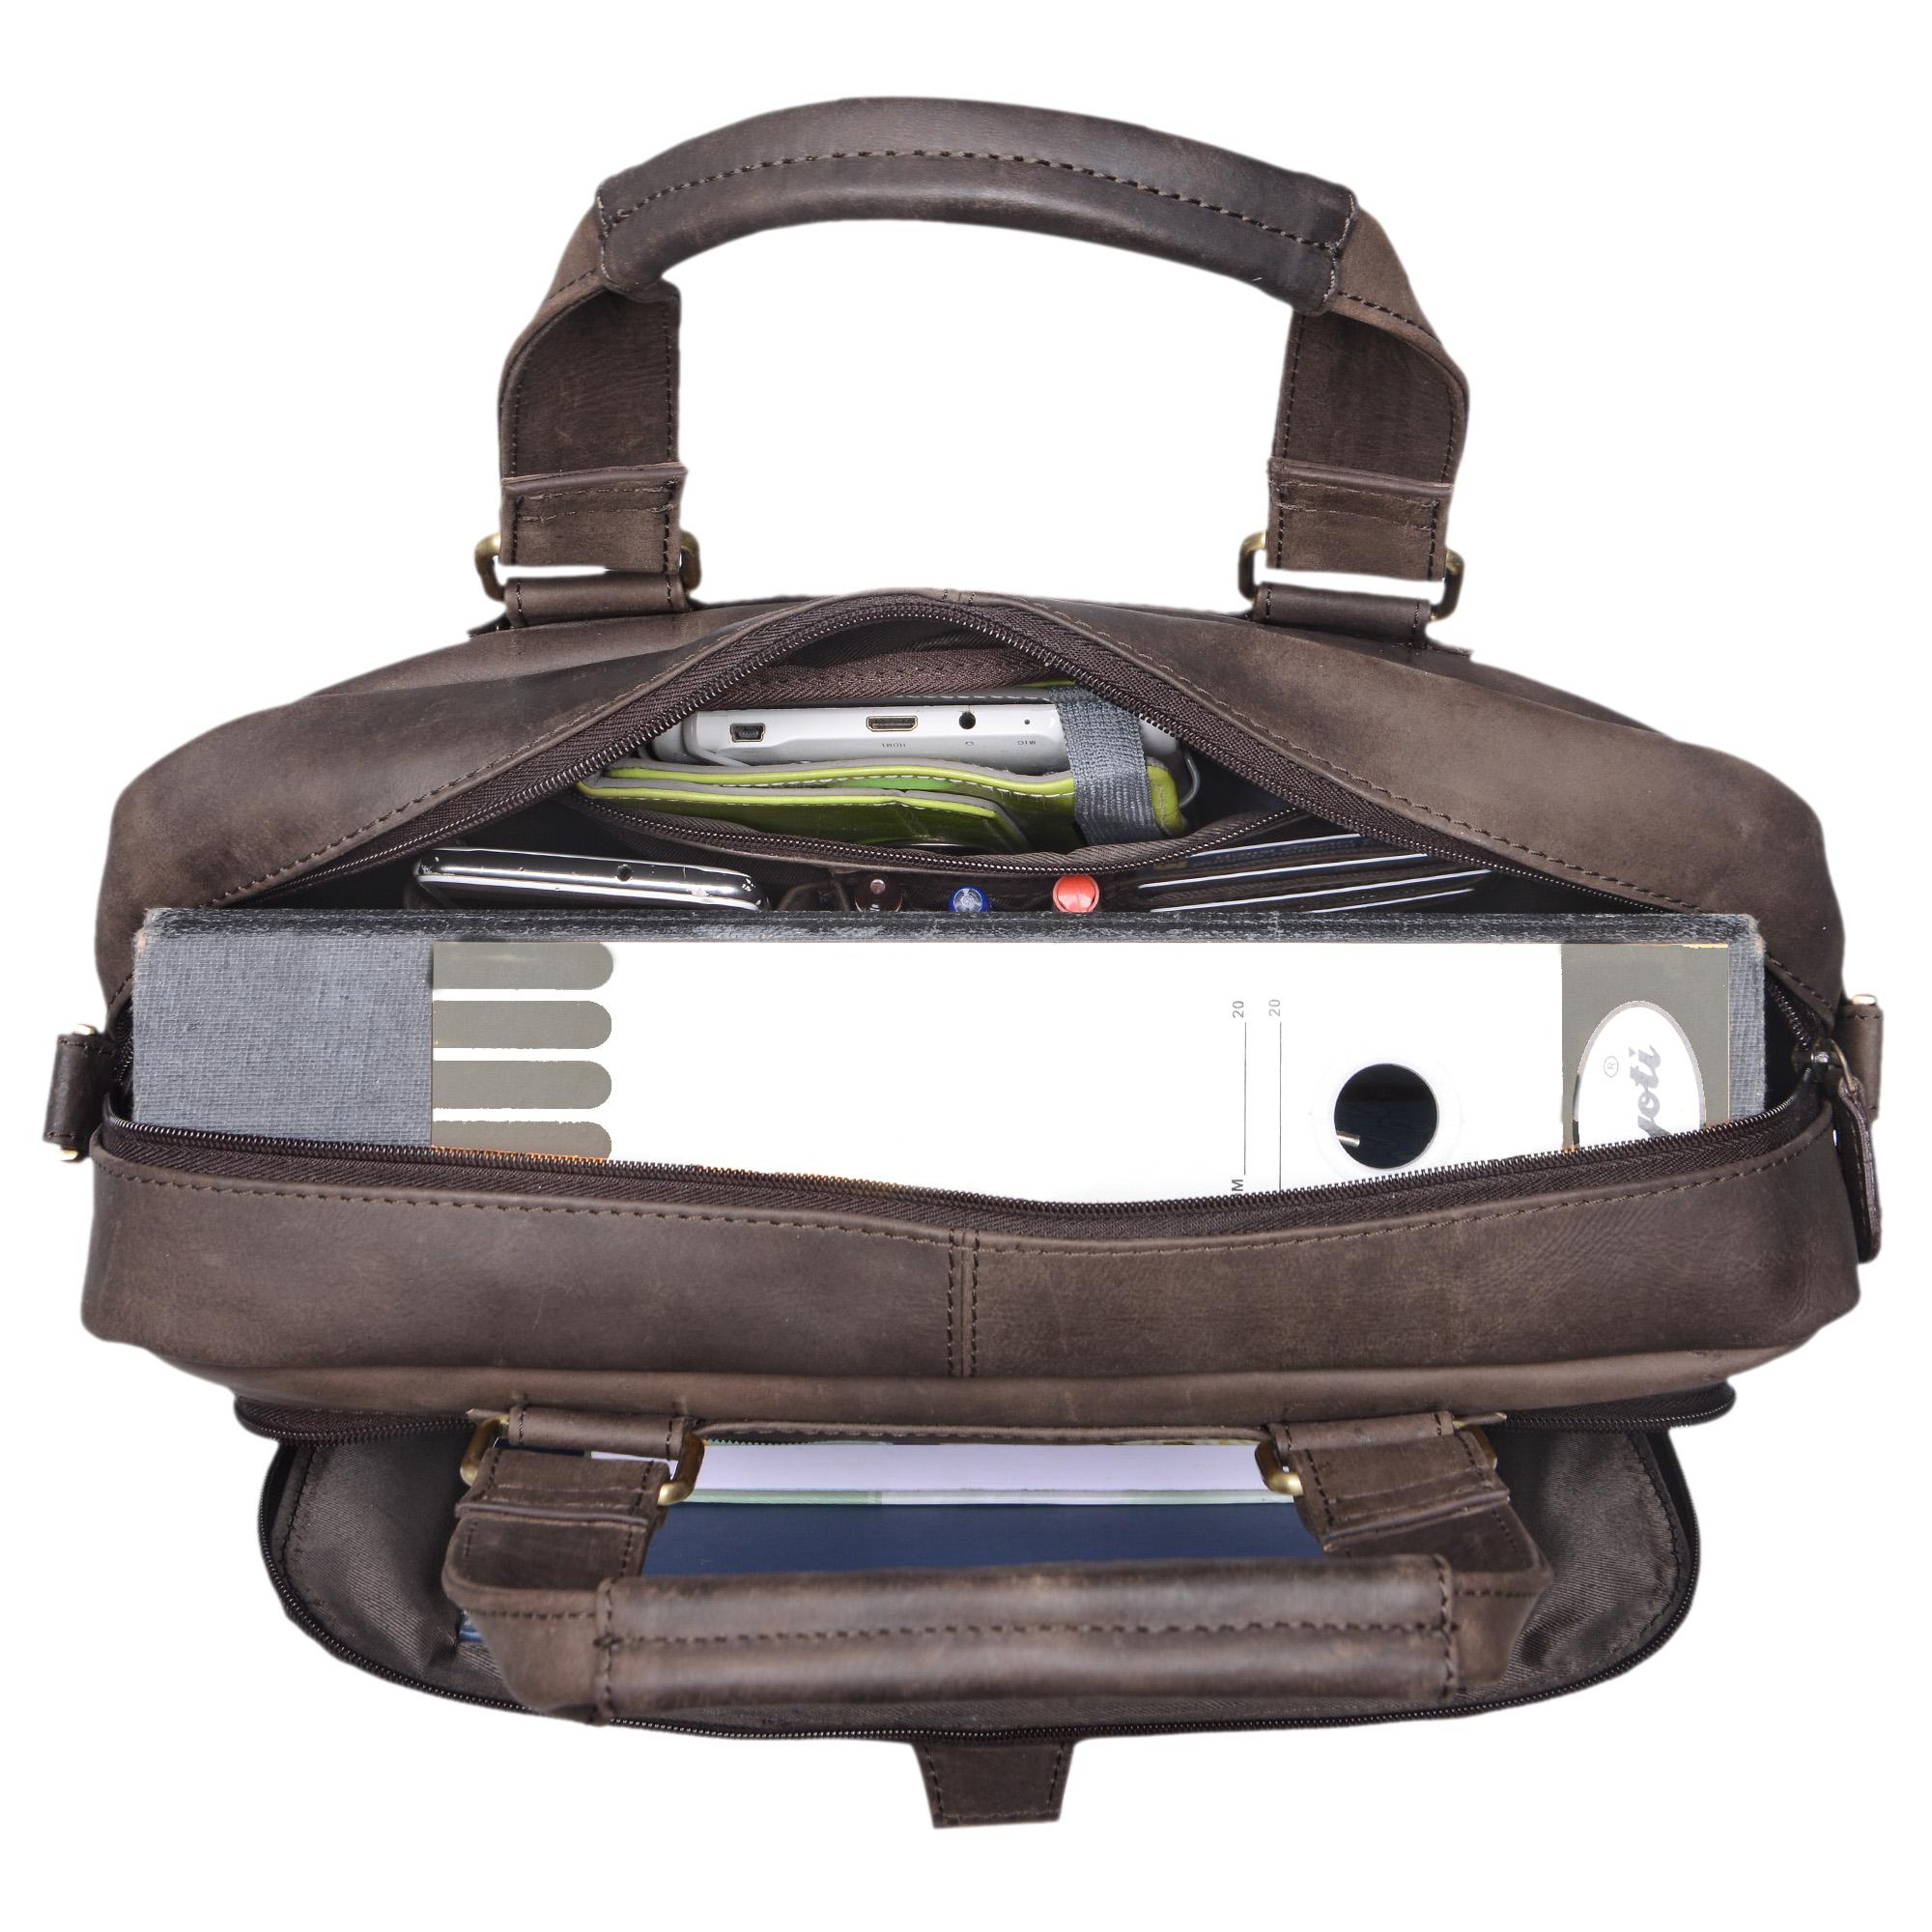 """STILORD """"Jon"""" Vintage Leder Umhängetasche Herren Damen Laptoptasche 15.6 Zoll für große DIN A4 Aktenordner Business Büro Arbeit Uni echtes Büffelleder - Bild 10"""